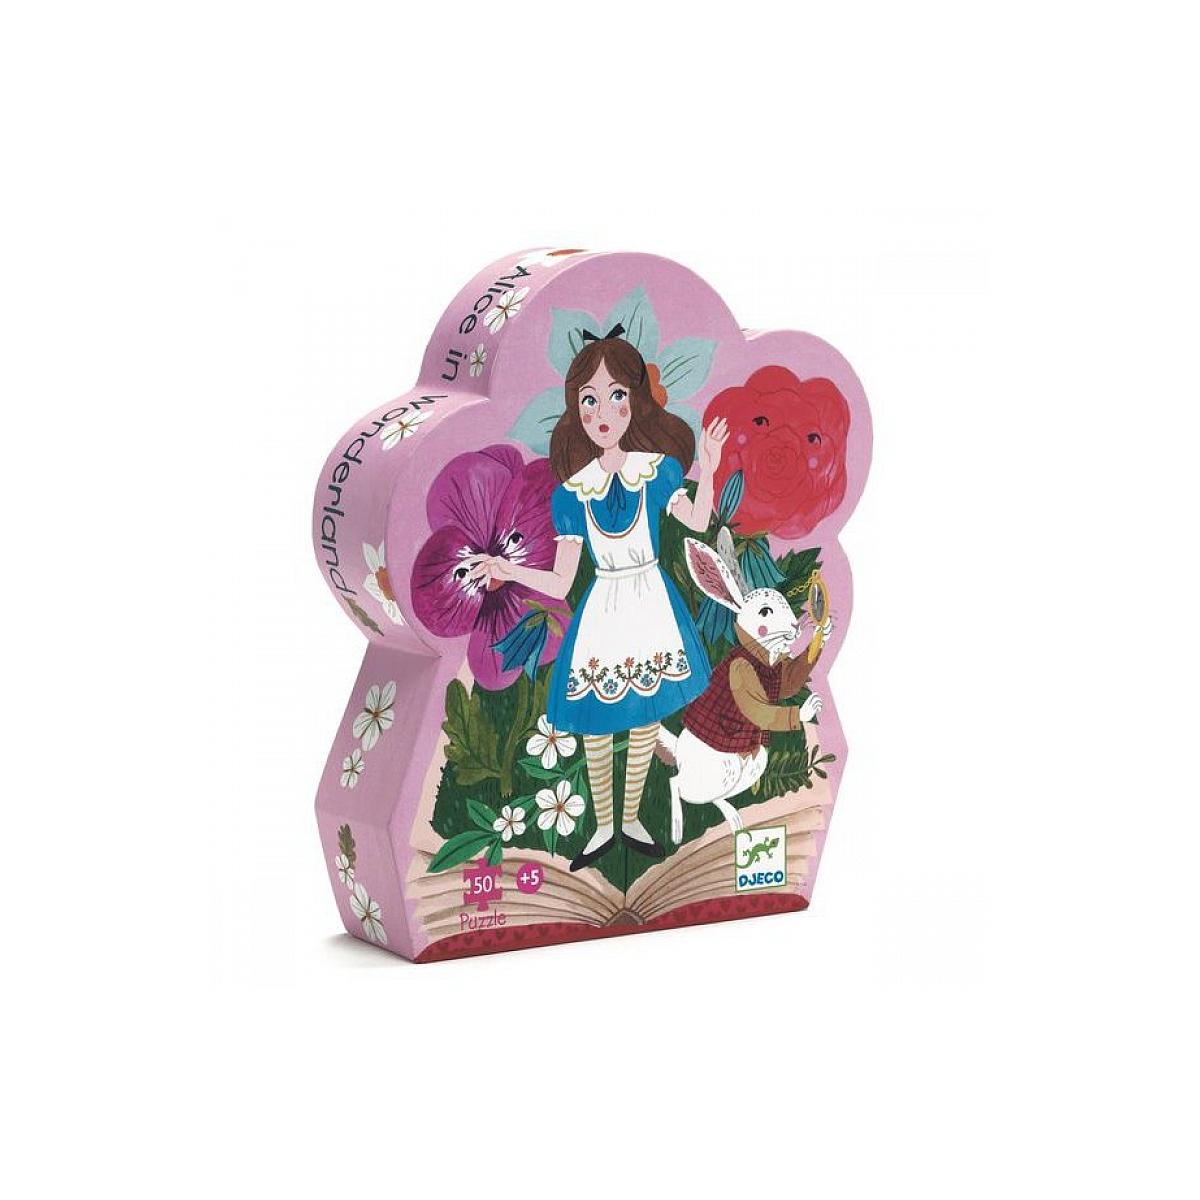 Djeco - Puzzle Alice aux pays des Merveilles 50 pieces